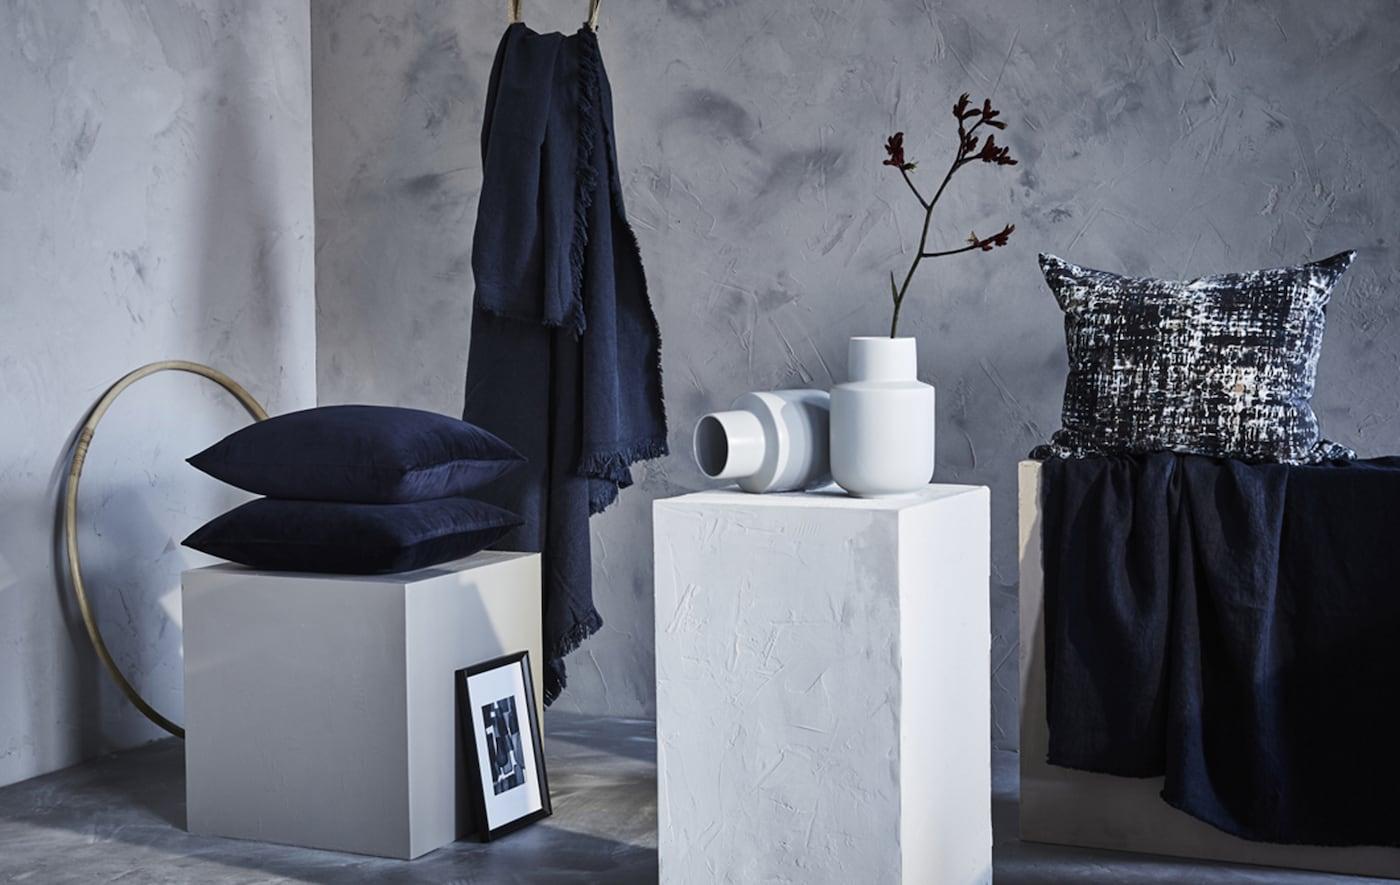 蓝色靠垫和休闲毯摆放在灰白色房间中。